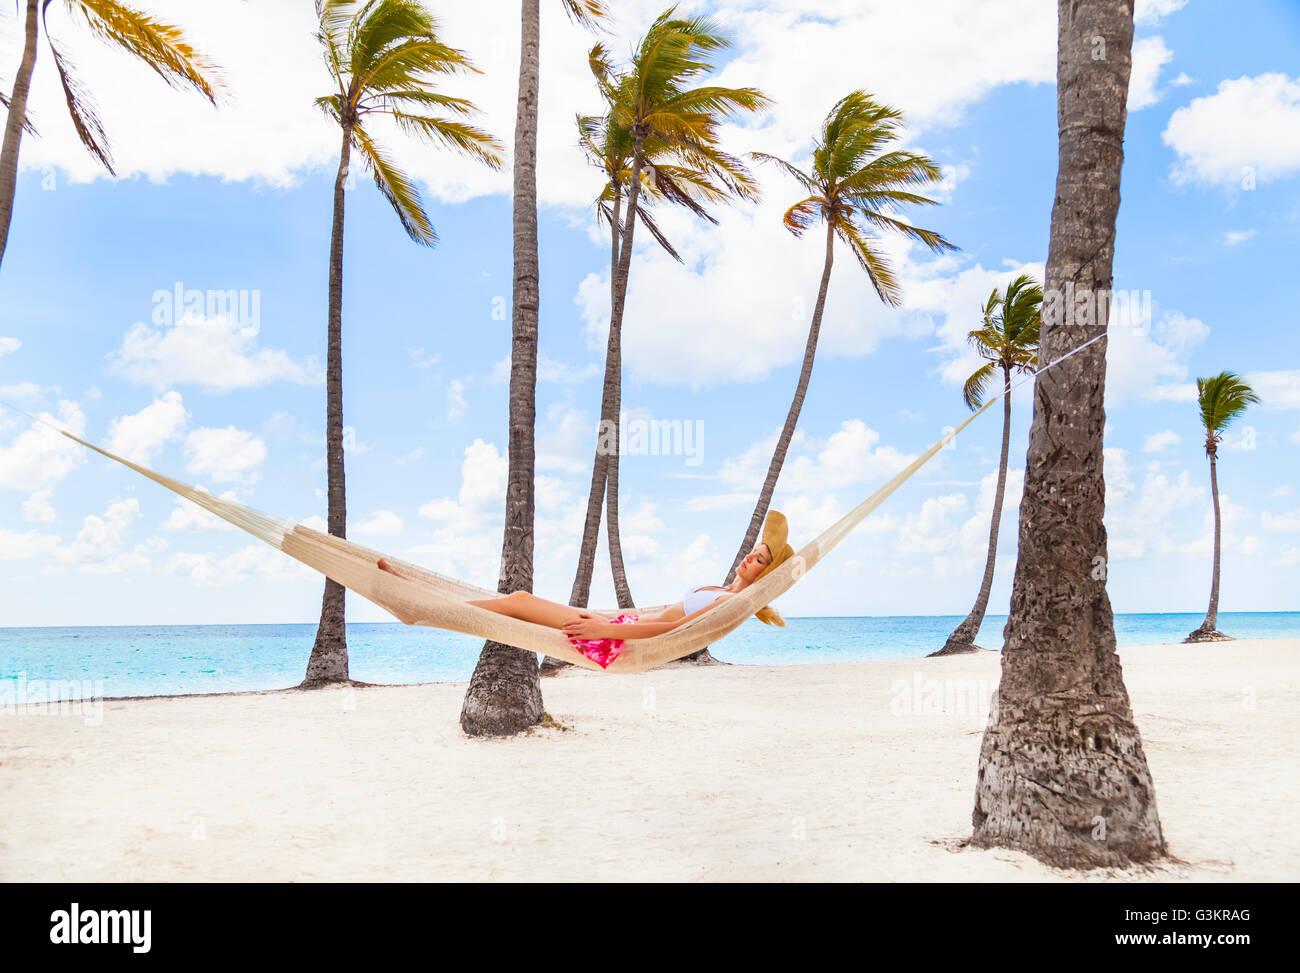 Junge Frau im Palm Tree Hängematte am Strand, Dominikanische Republik, Karibik Stockbild